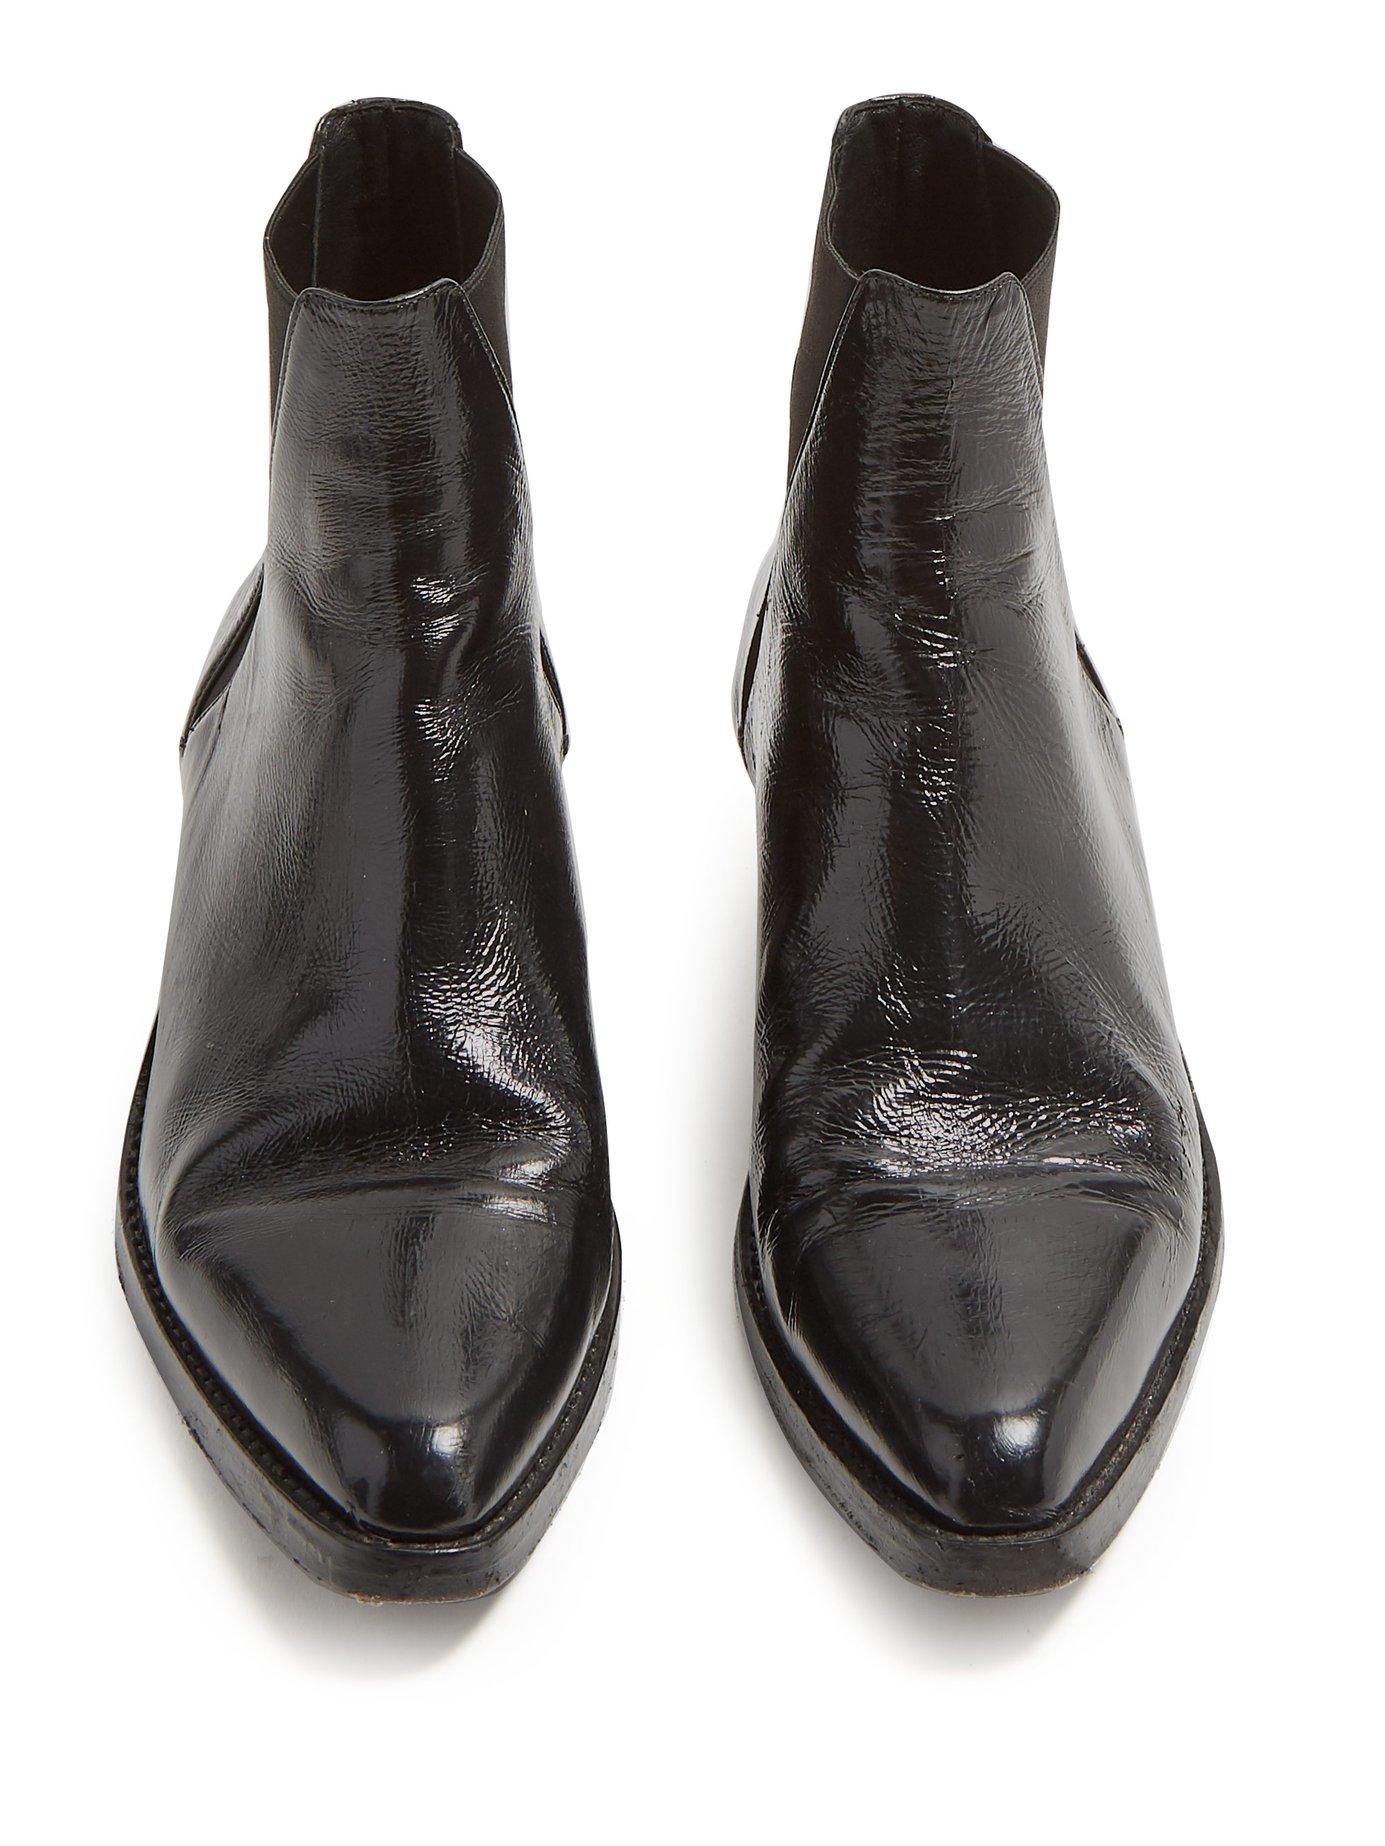 4d86a8f7a00 Saint Laurent Black Dakota Leather Chelsea Boots for men